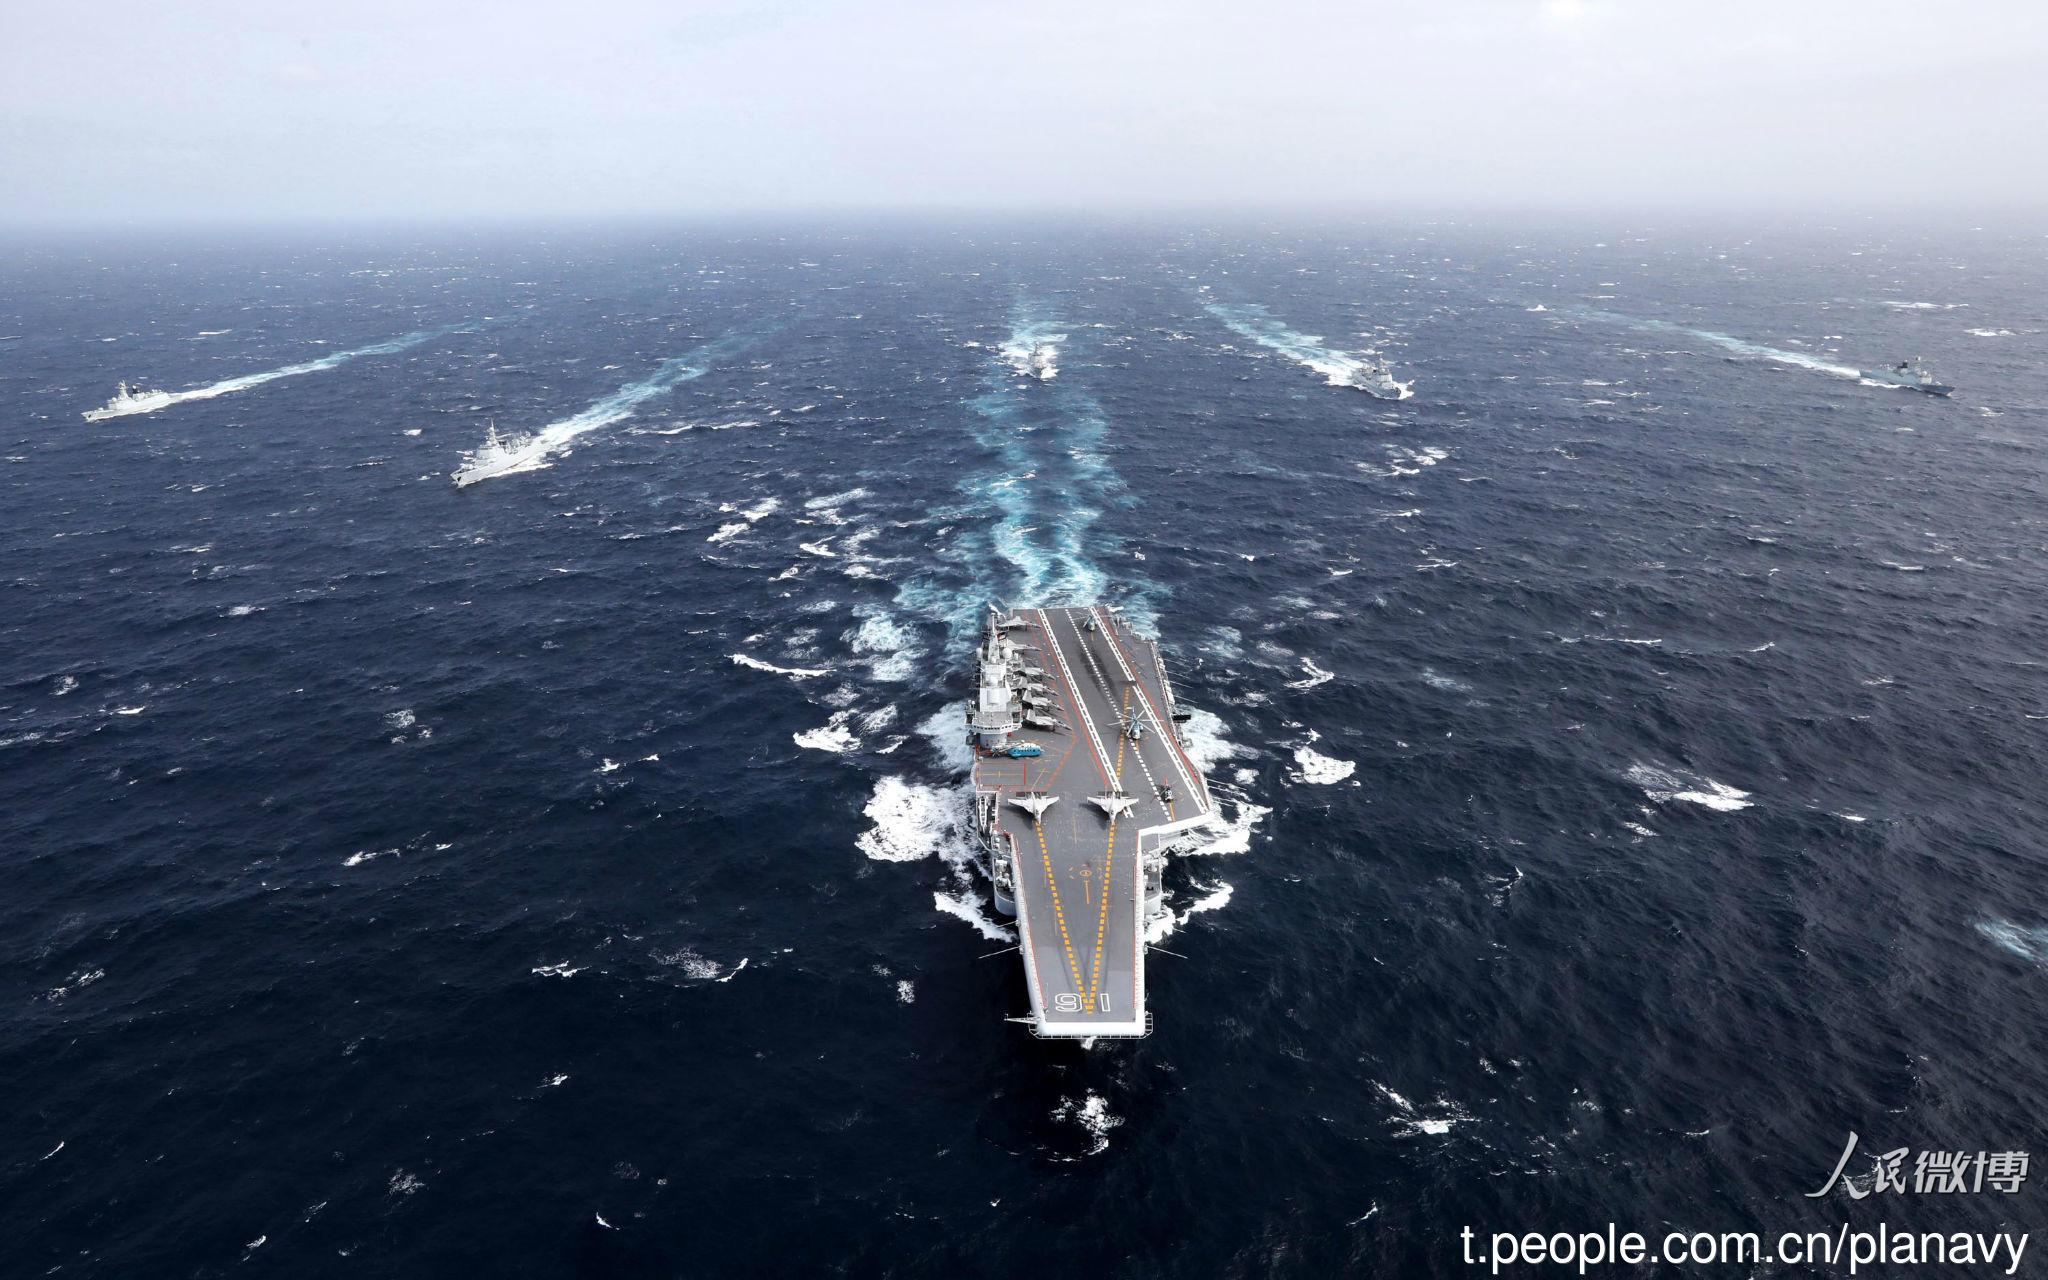 台媒:辽宁舰今早已脱离台湾海峡继续向北航行